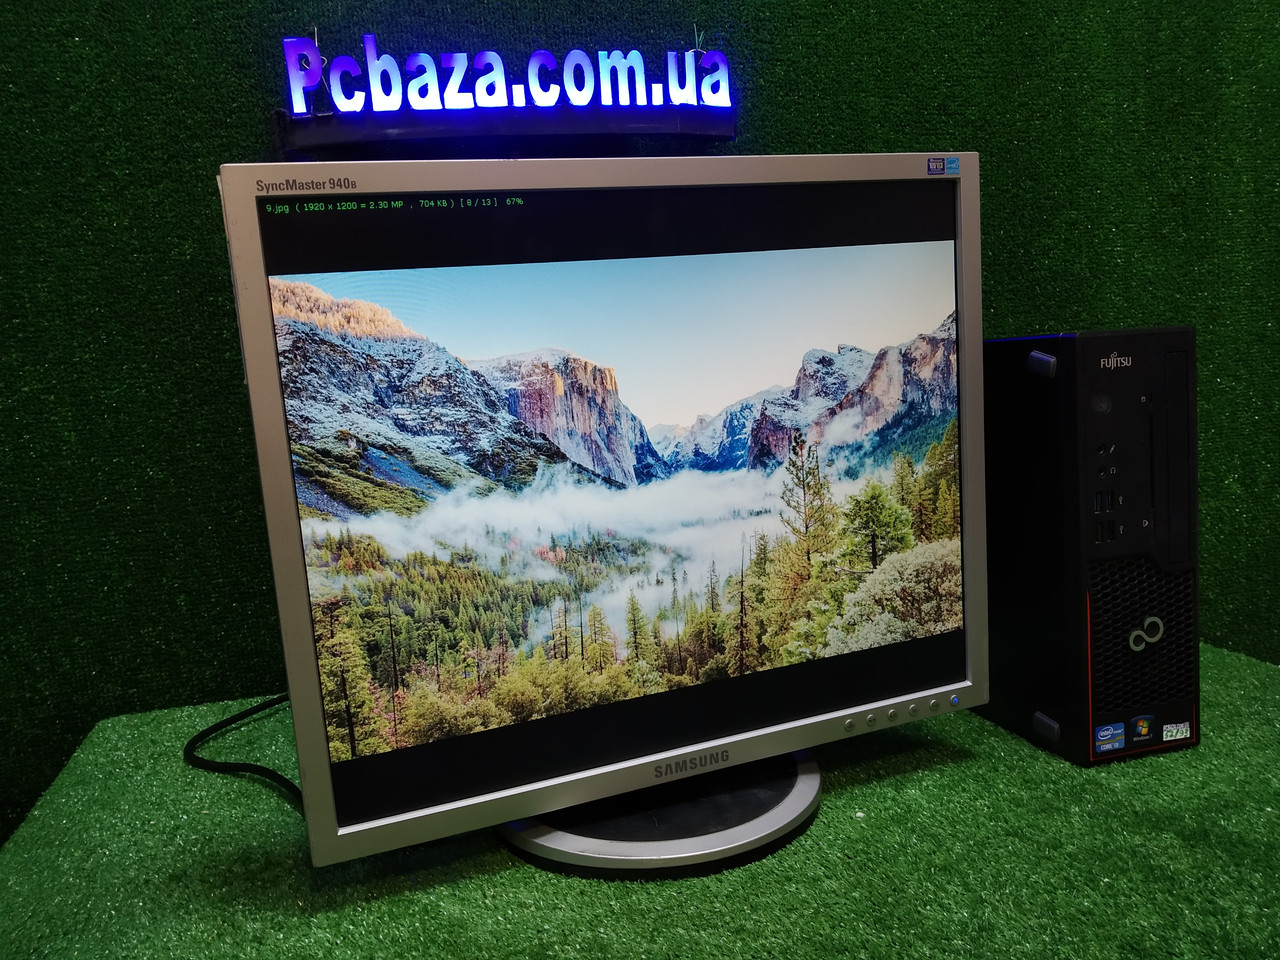 """ПК + монитор 19"""", i3-3220 3.3, 4 ГБ, 500 Гб, 2xCOM, 10 USB, USB 3.0 Настроен. Германия! ОПТ"""